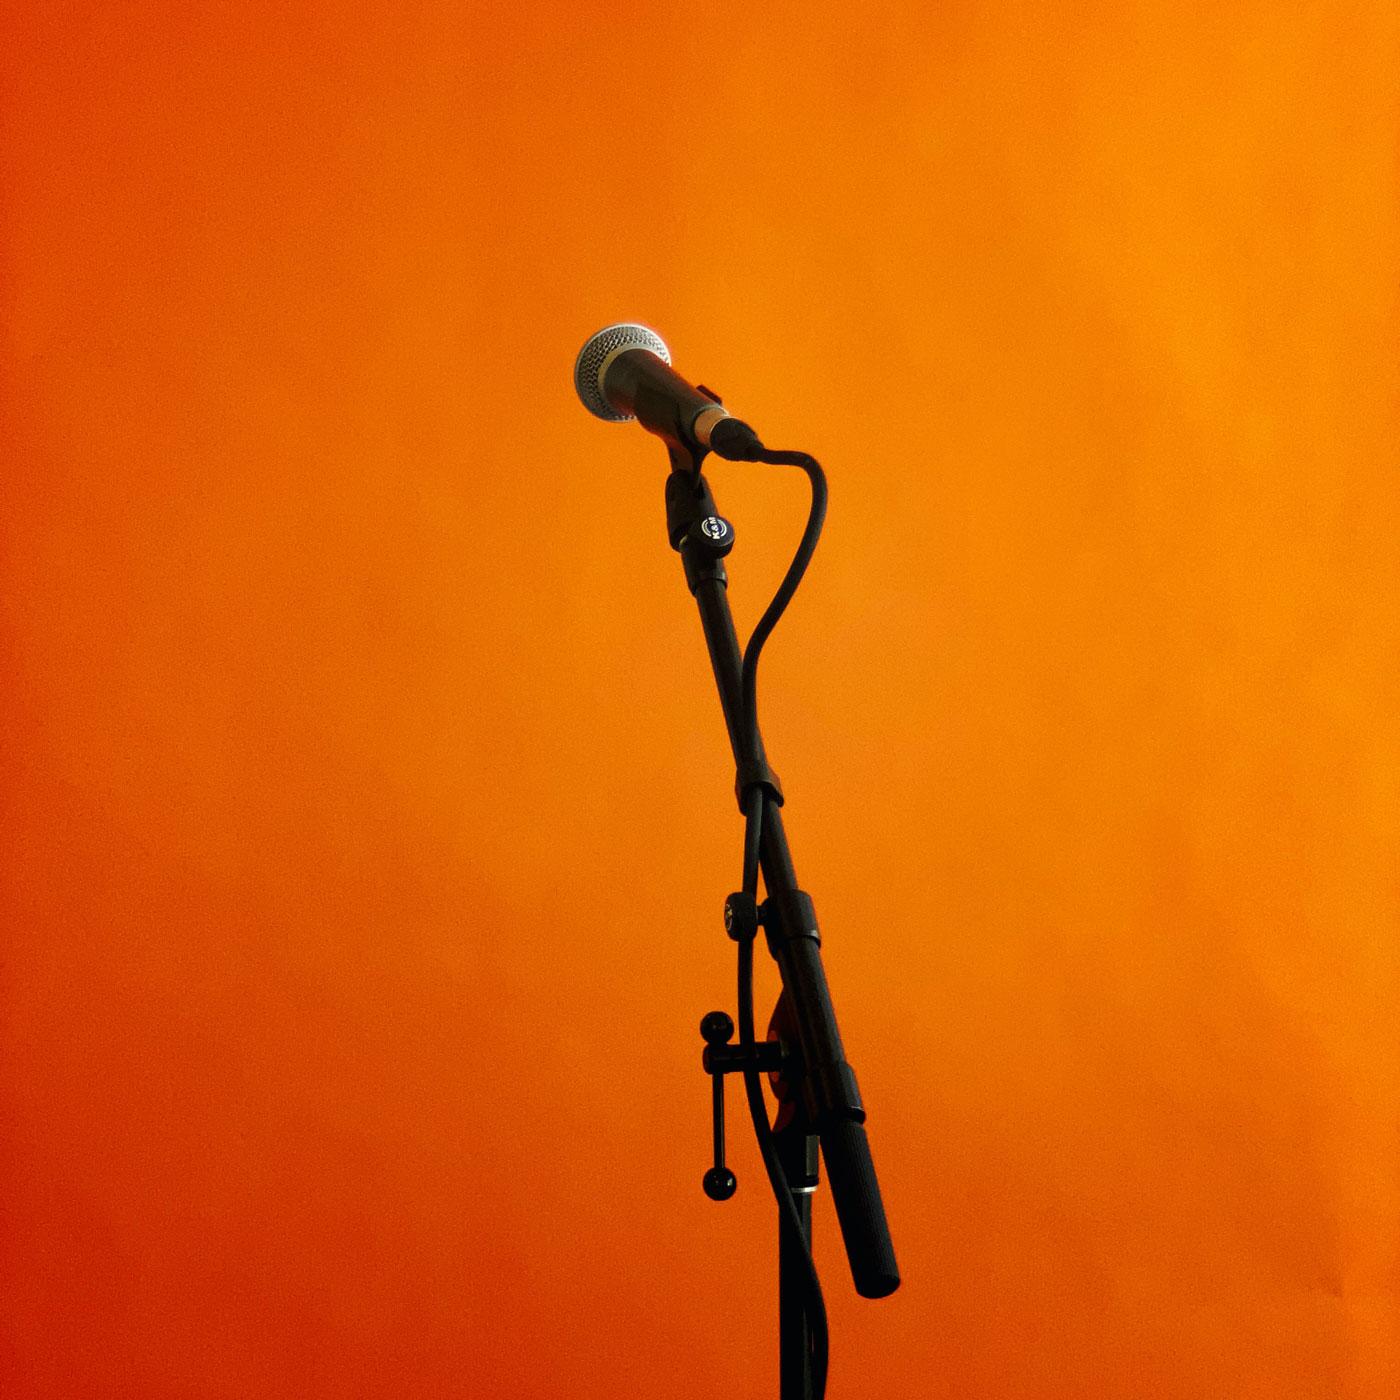 Das passende Mikrofon für ein Stimm- und Sprechtraining